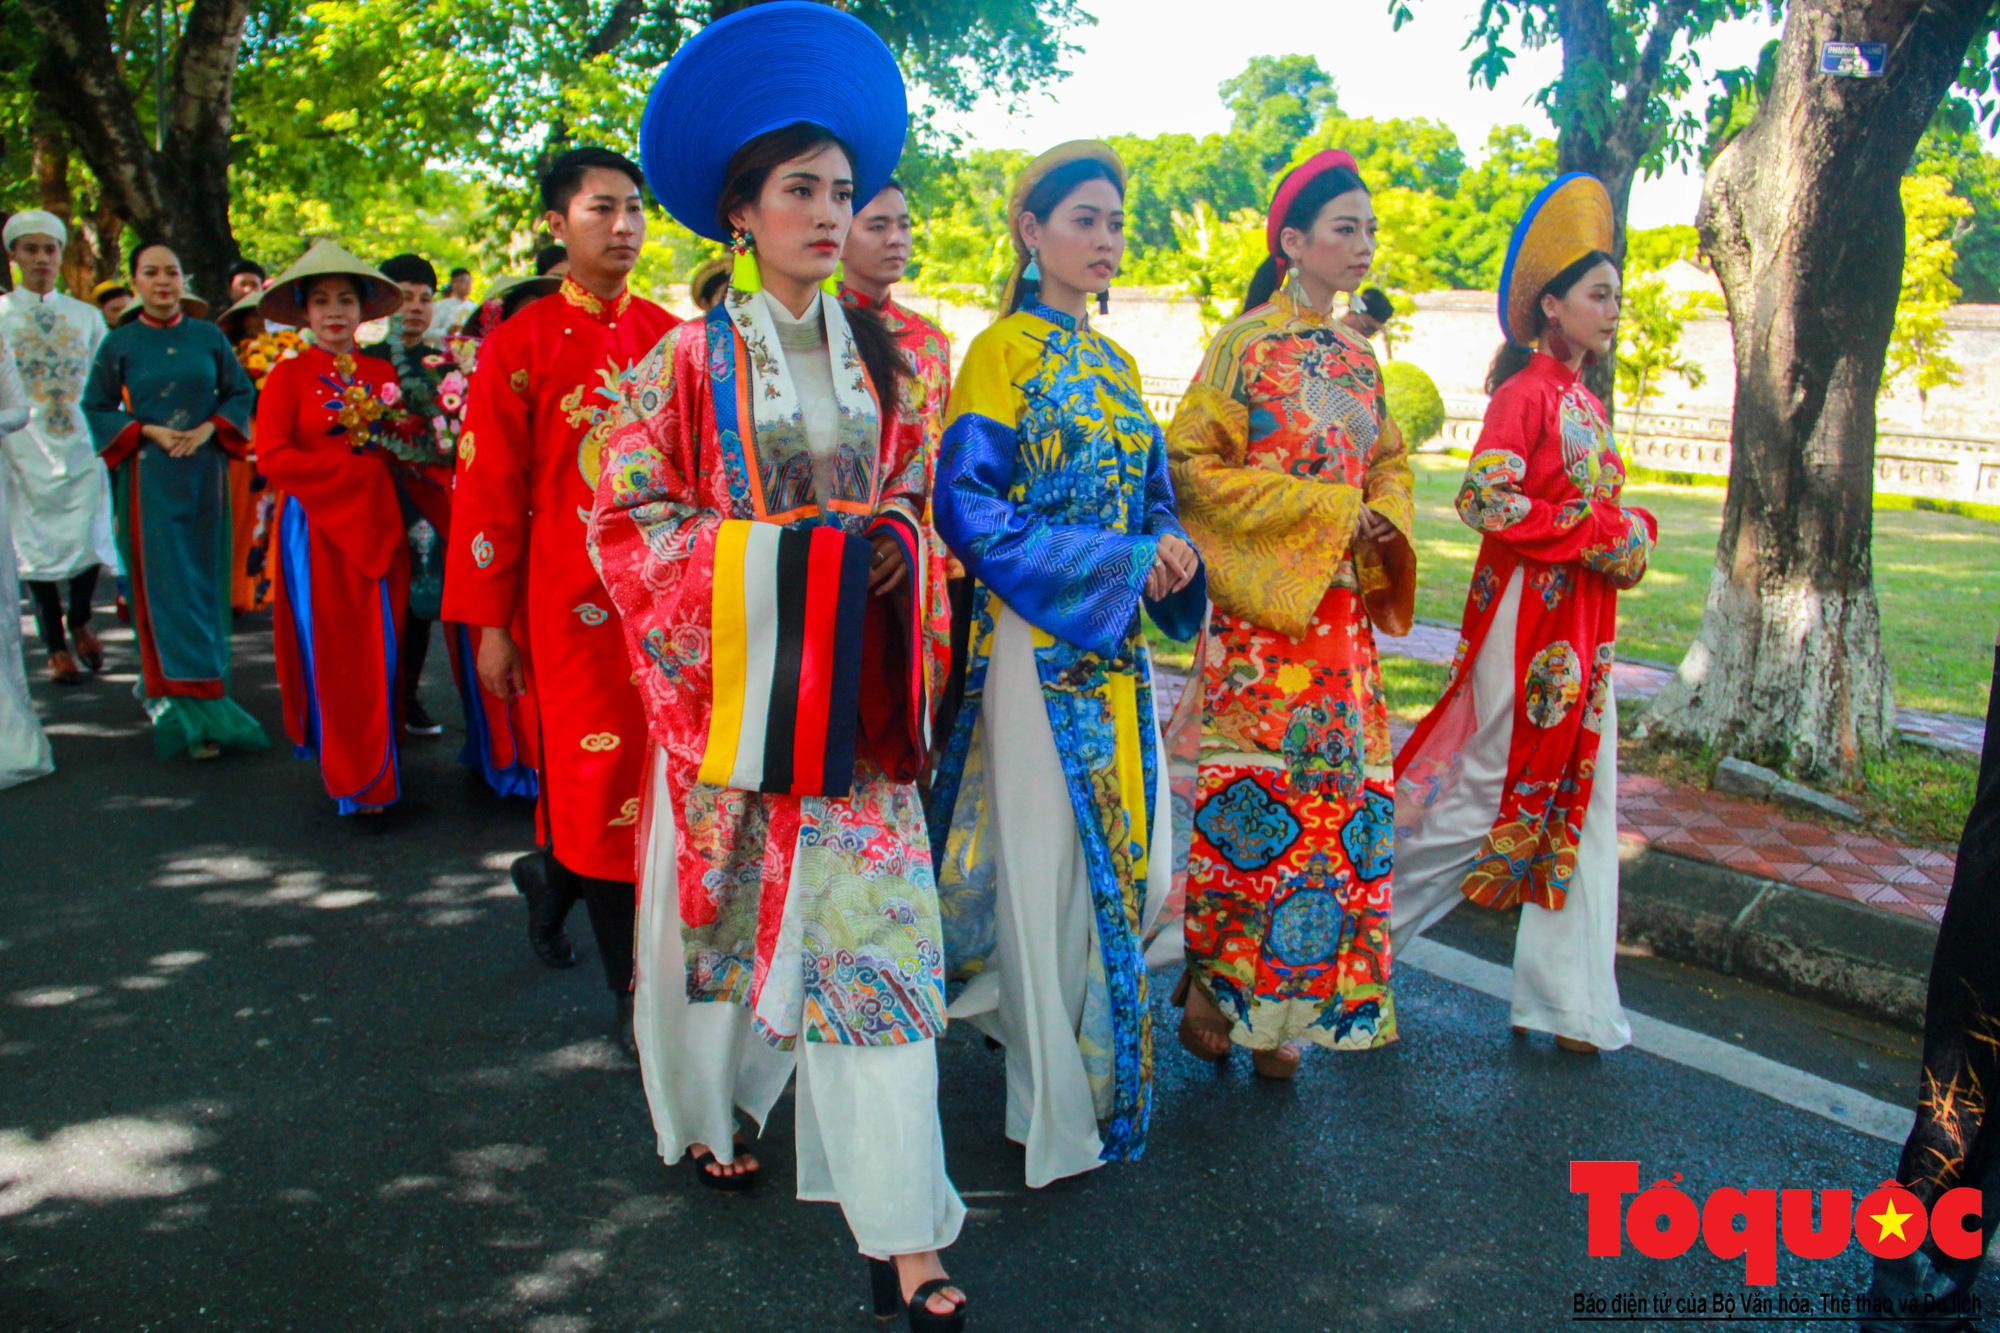 Hàng trăm tà áo dài diễu hành trên phố tri ân chúa Nguyễn Phúc Khoát - Ảnh 5.